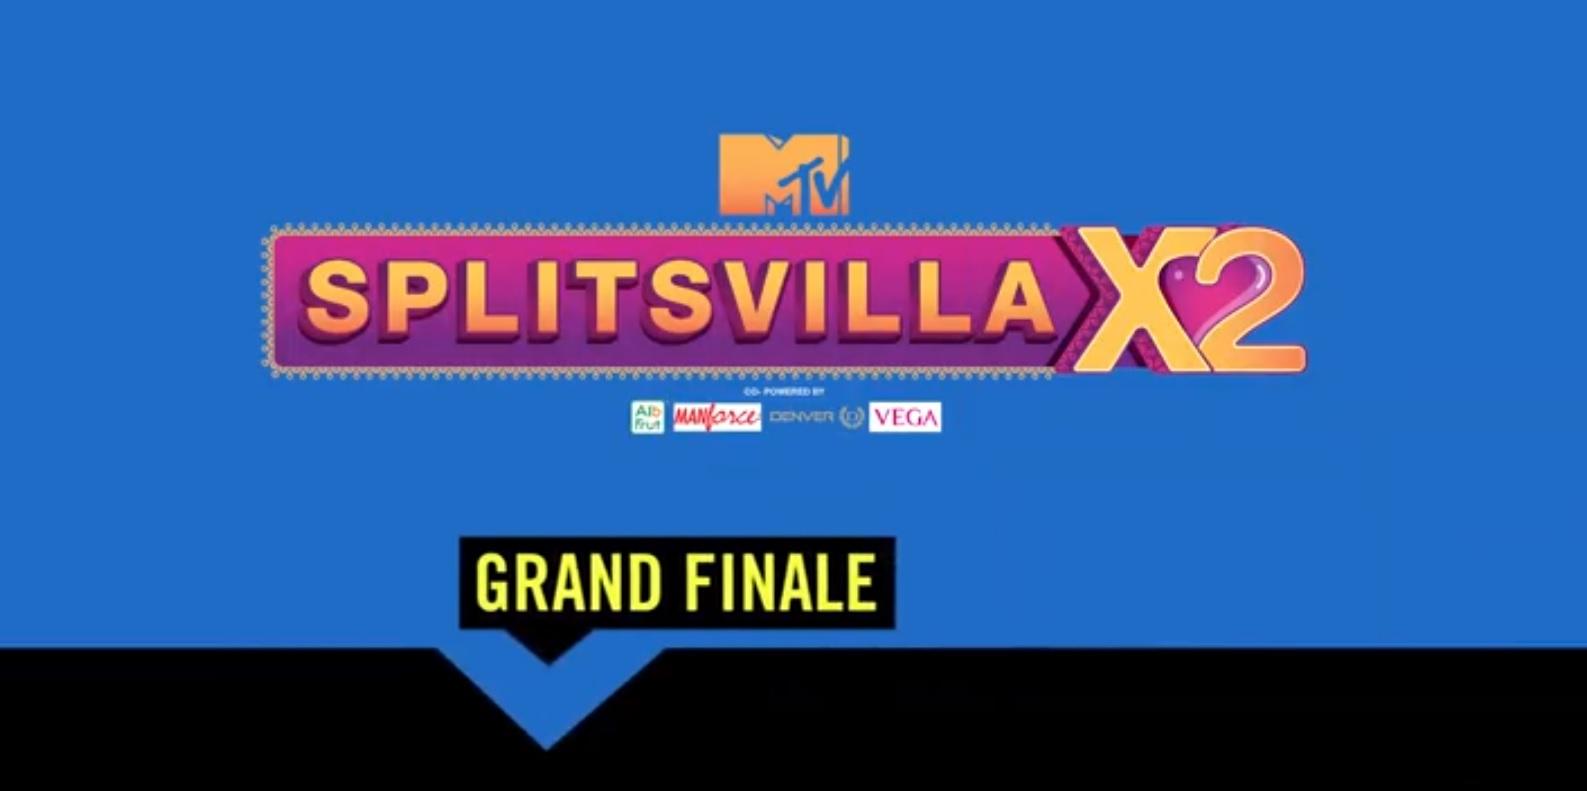 Splitsvilla X2 Grand Finale